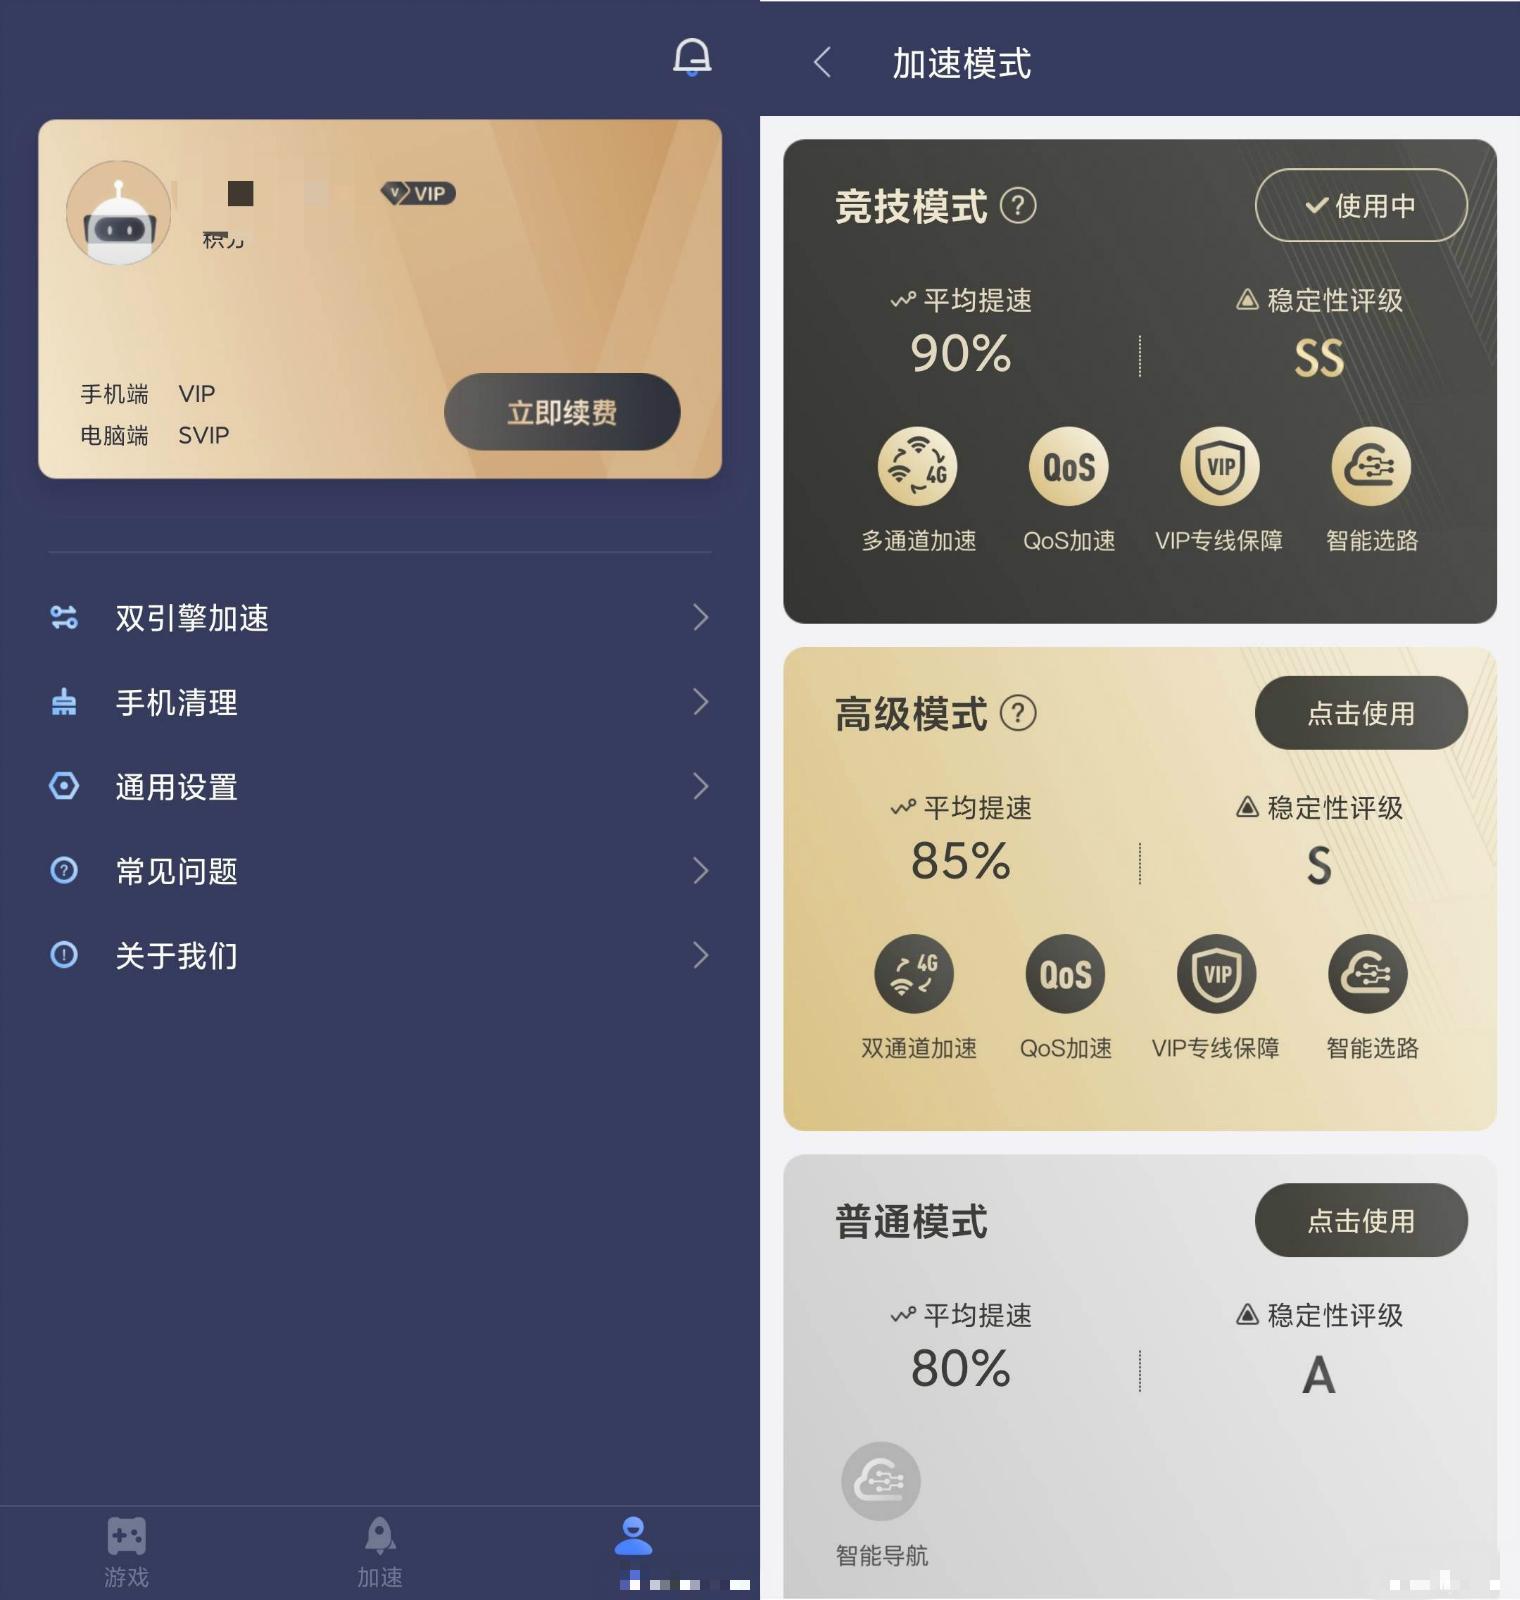 迅游神器 v5.1.27.1去广告/去推荐/完美/破解/VIP版